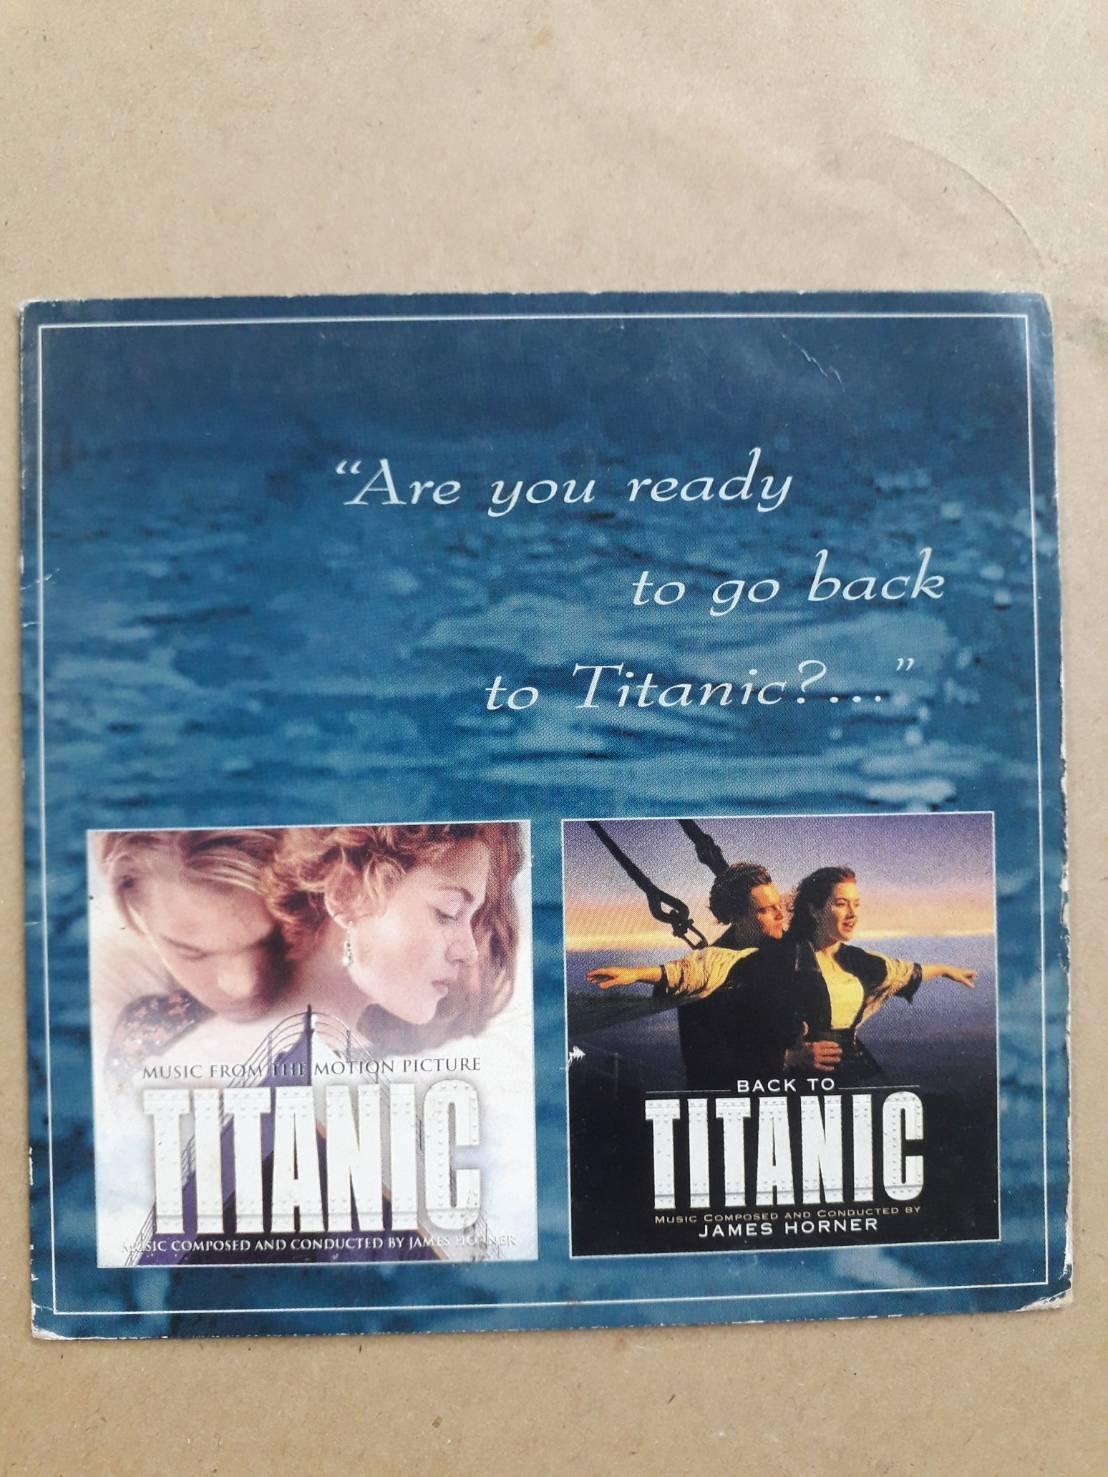 (標即結)(絕版)Are You Ready To Go Back To Titanic? 鐵達尼號電影原聲帶宣傳單曲